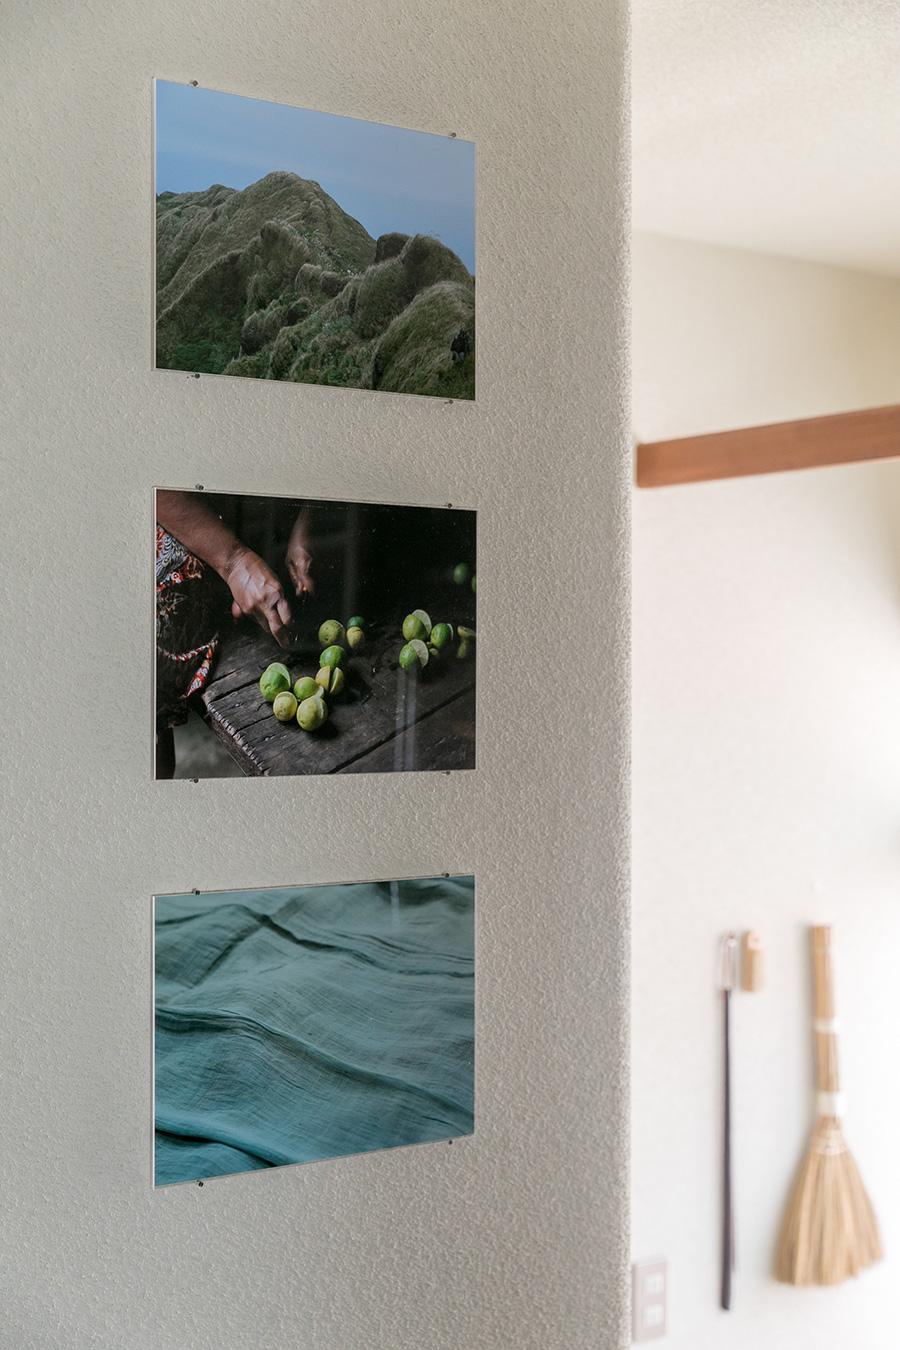 旅先で撮影したお気に入りの写真をパネルにし、ピンで留めてある。